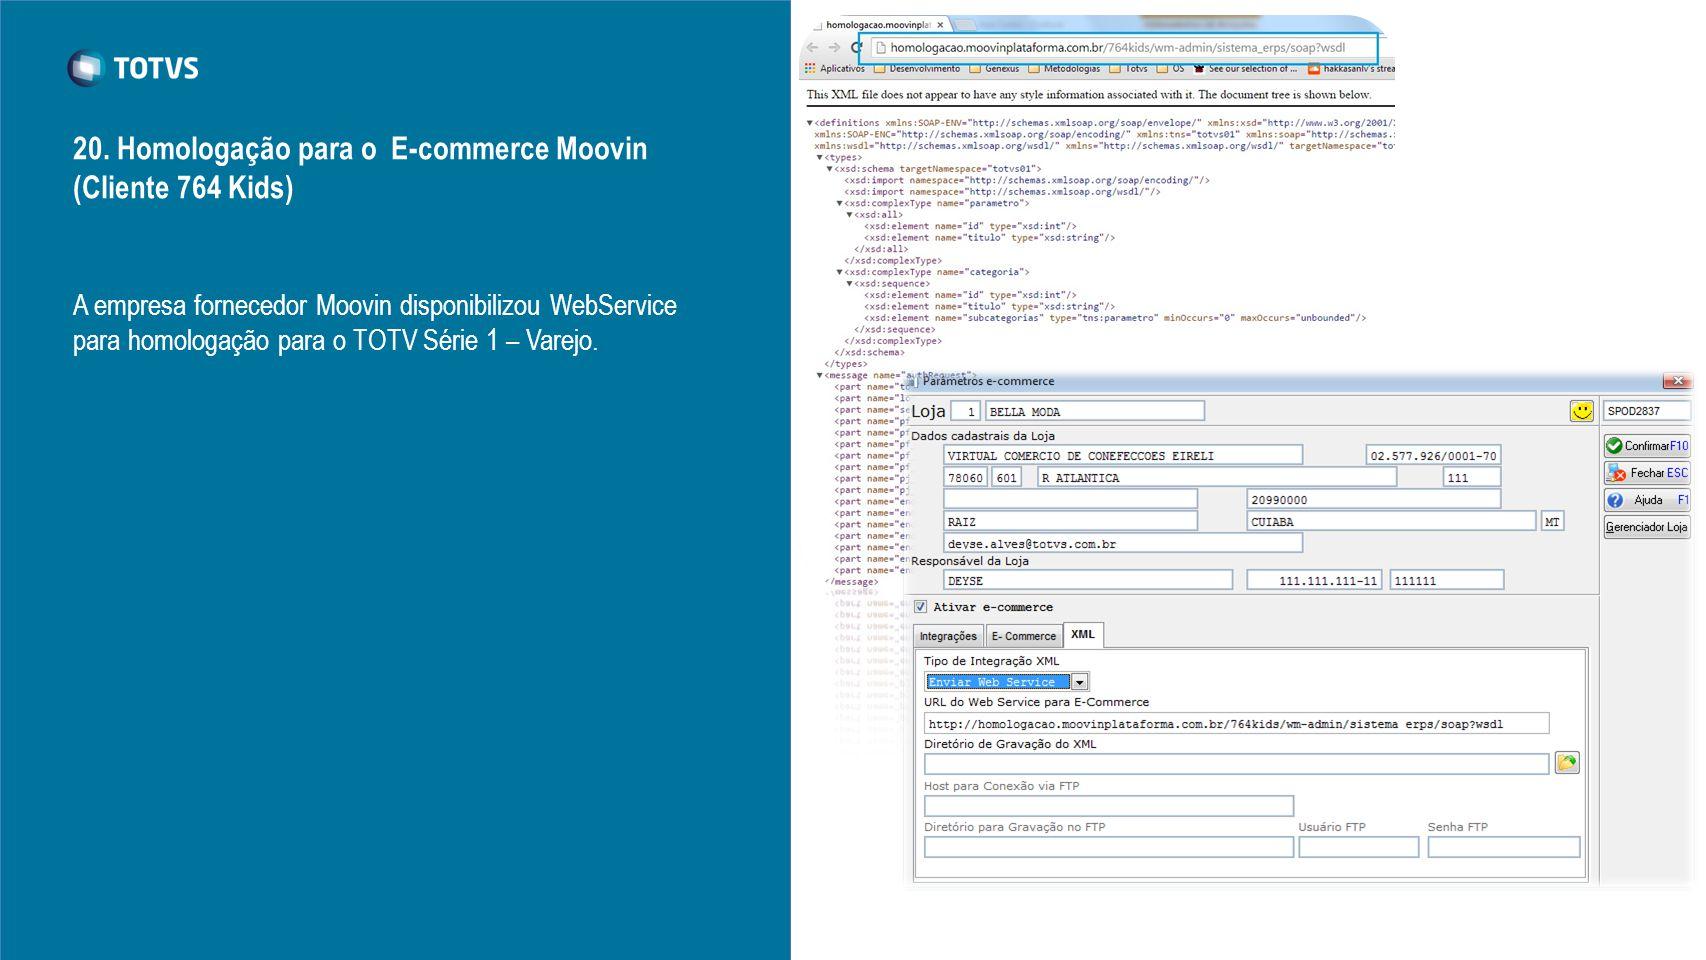 20. Homologação para o E-commerce Moovin (Cliente 764 Kids)